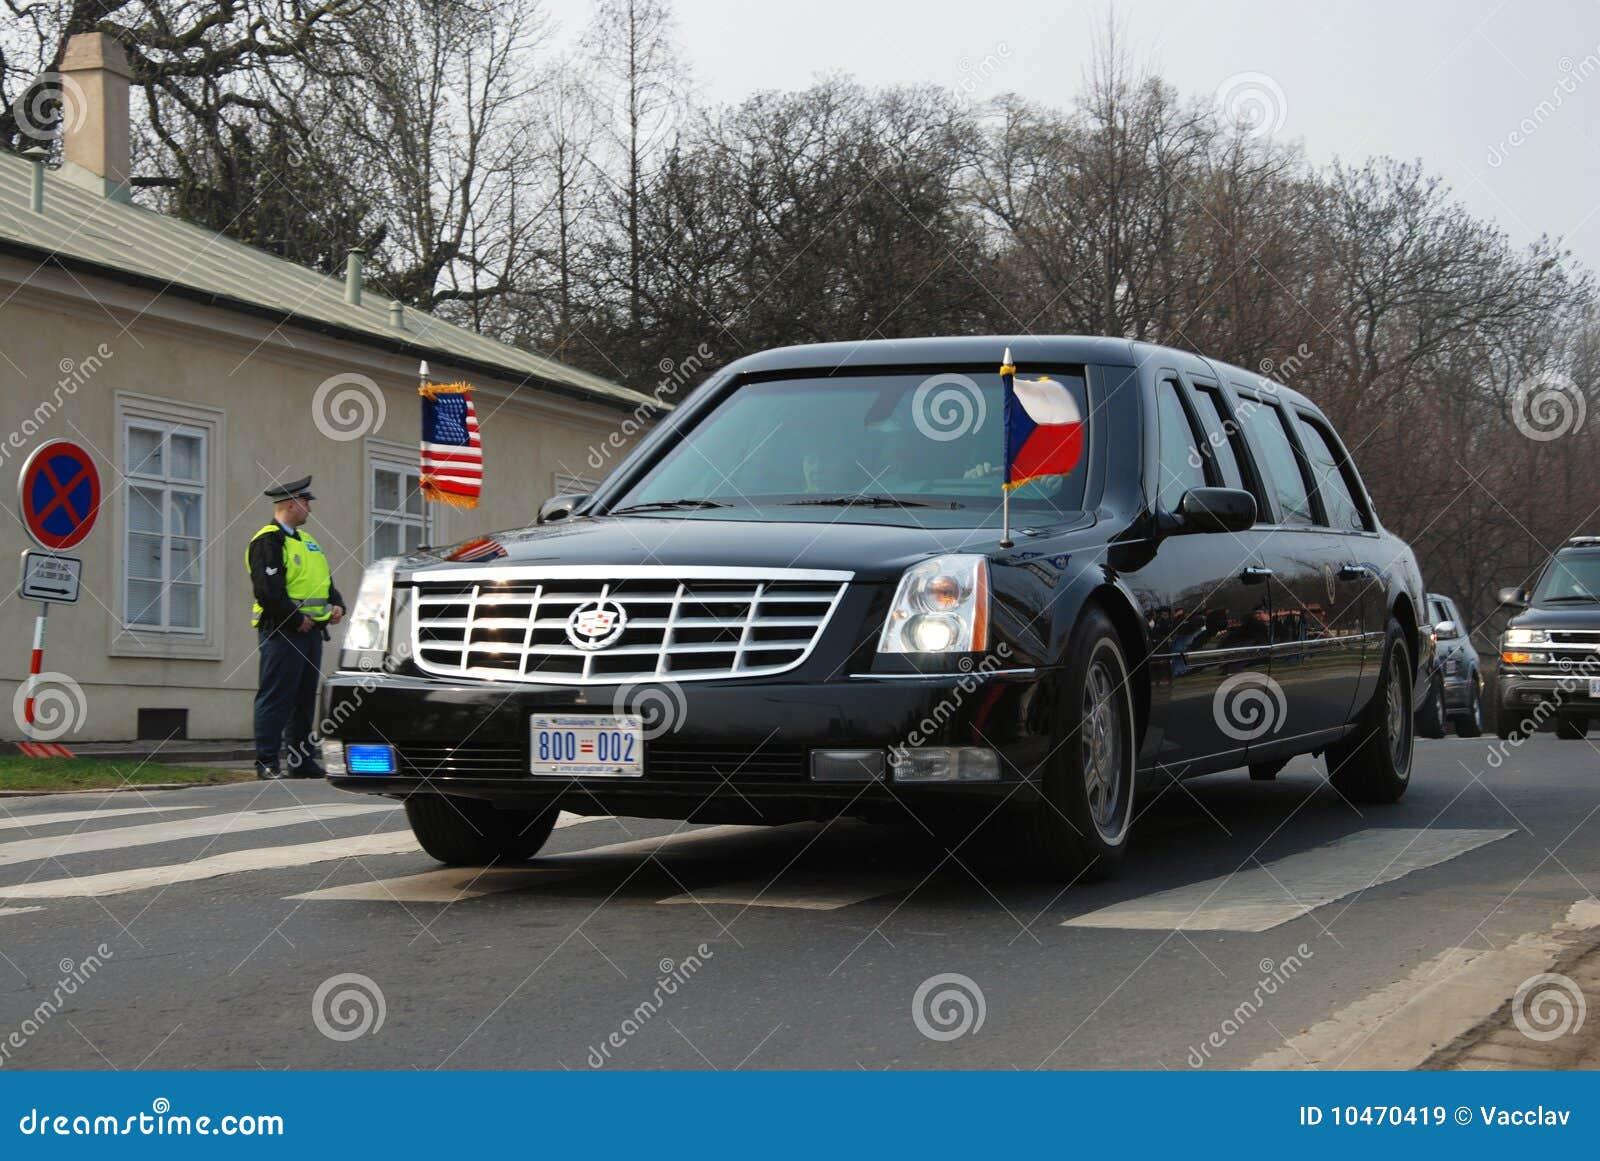 barack obama car editorial stock image image 10470419. Black Bedroom Furniture Sets. Home Design Ideas